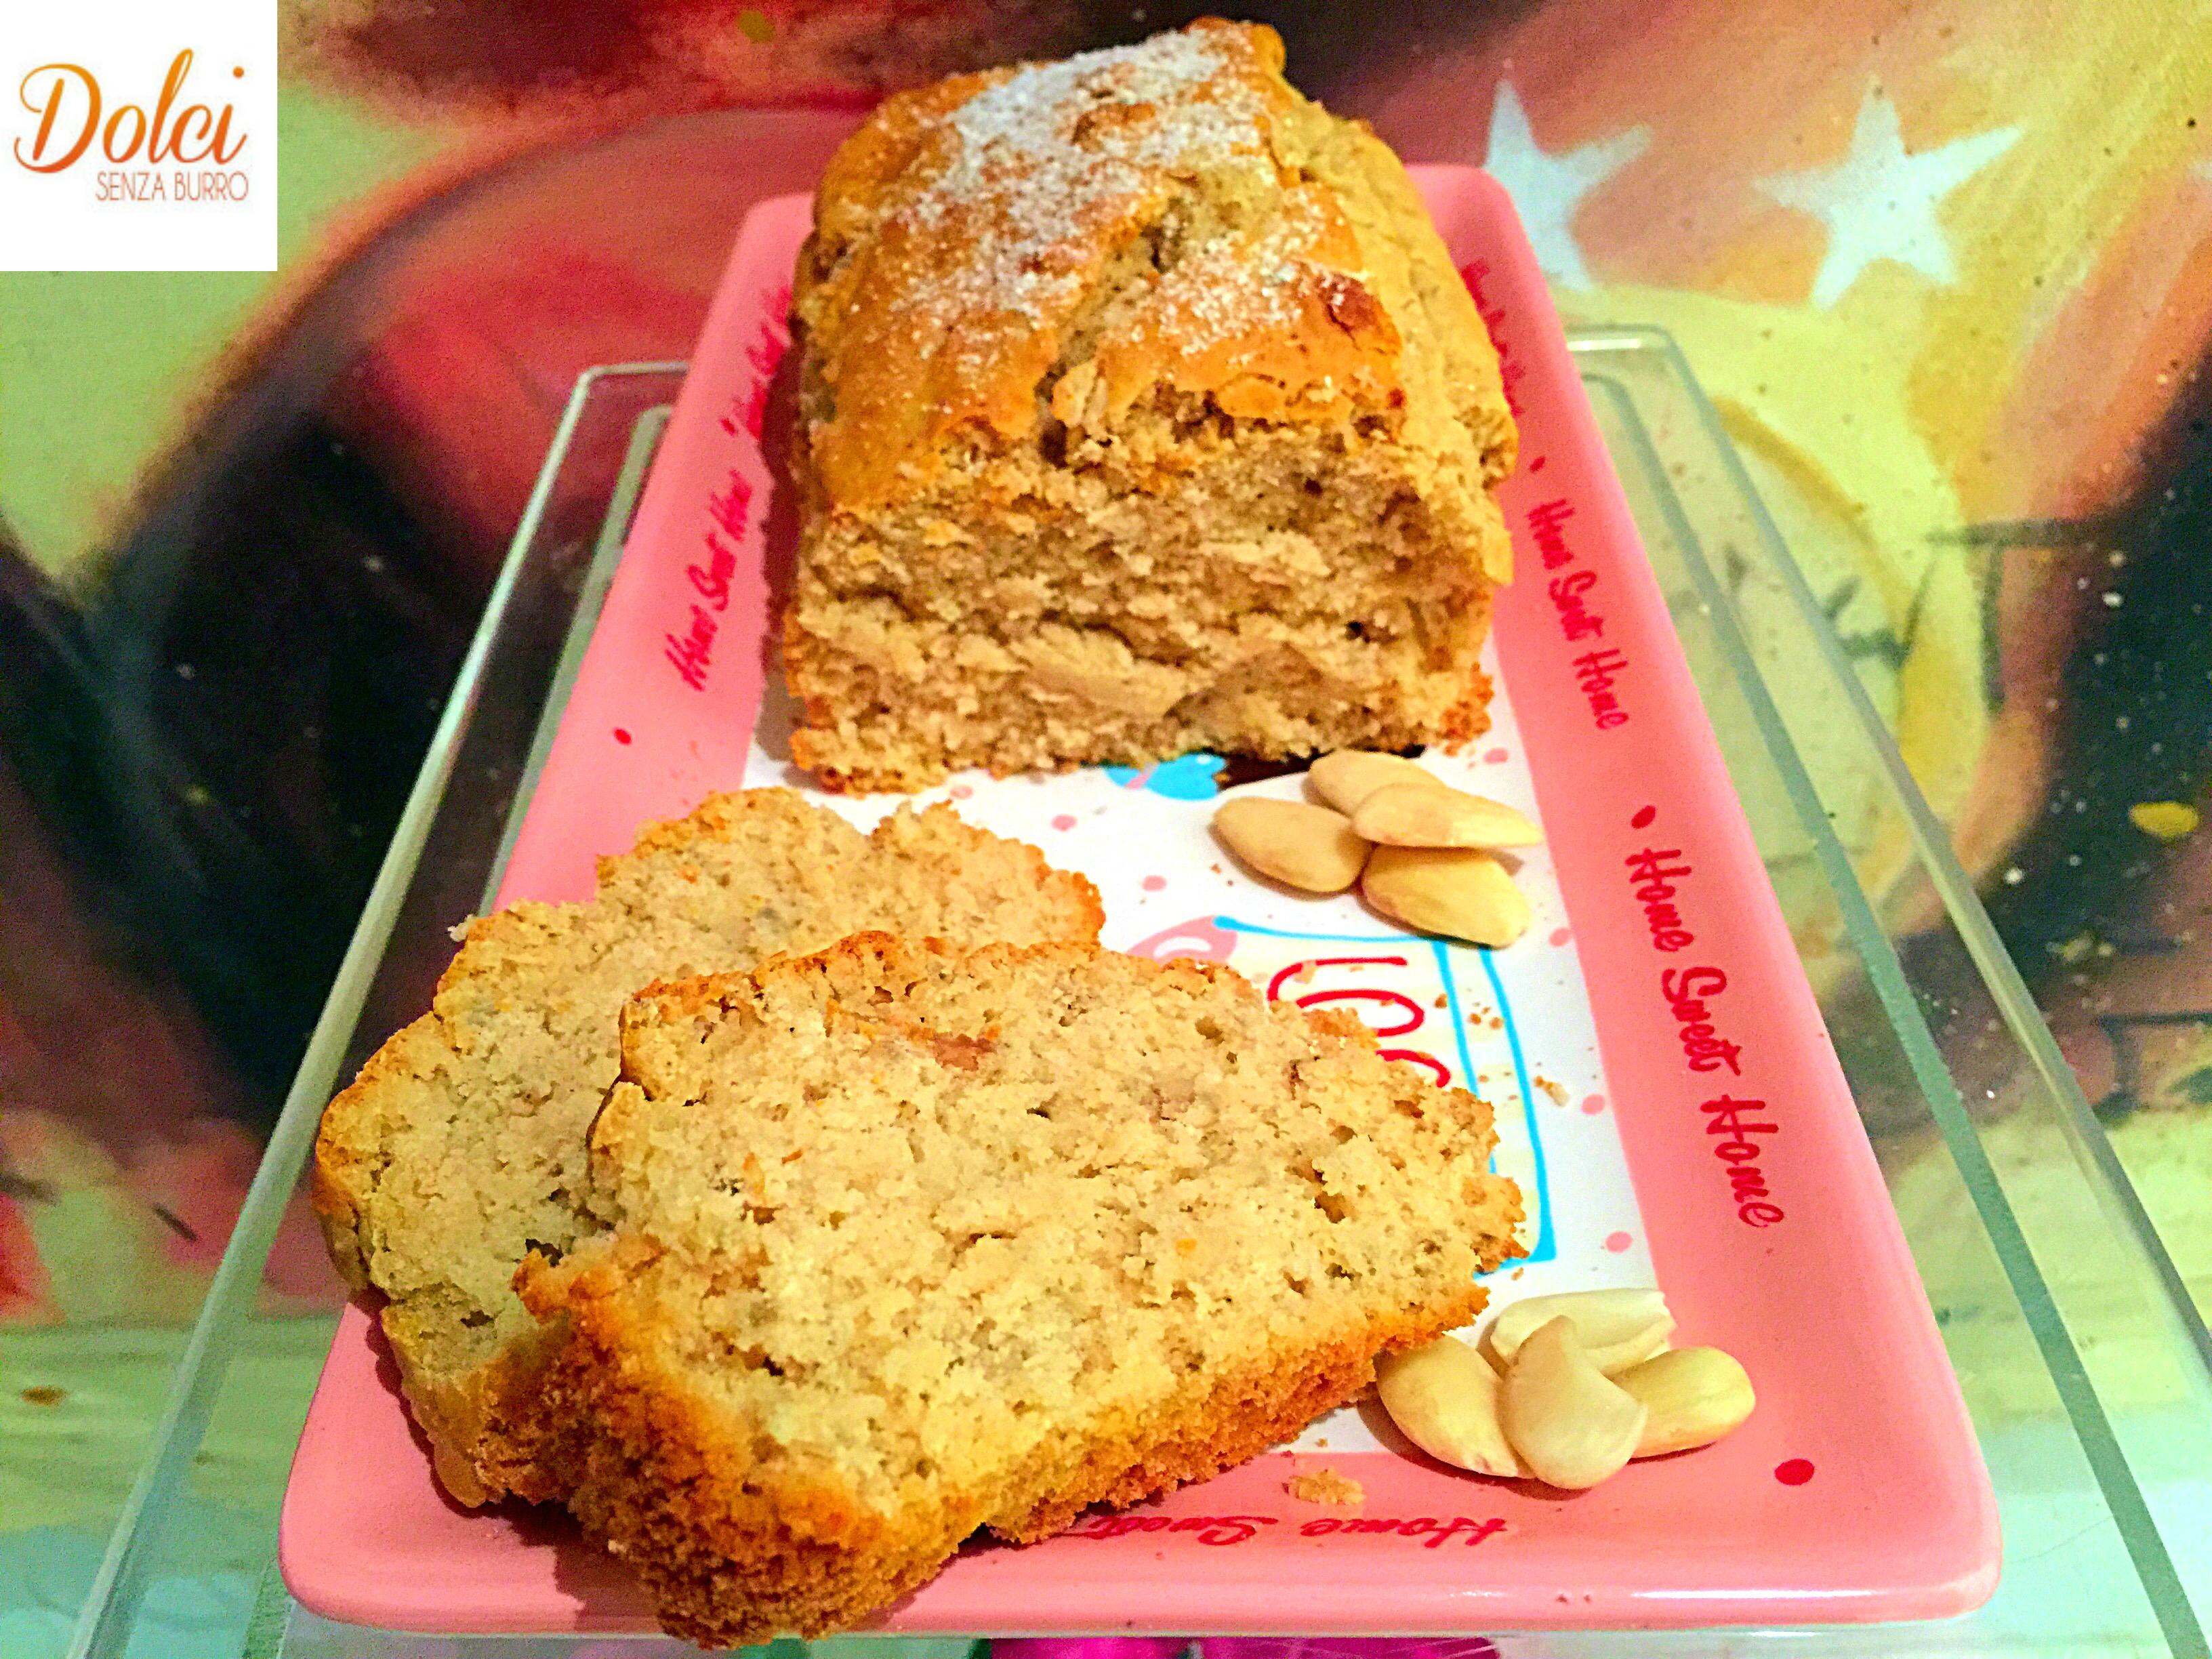 Torta al Latte di Mandorla Senza Burro e Uova, un dolce goloso e light adatto agli intolleranti e ai vegani di dolci senza burro